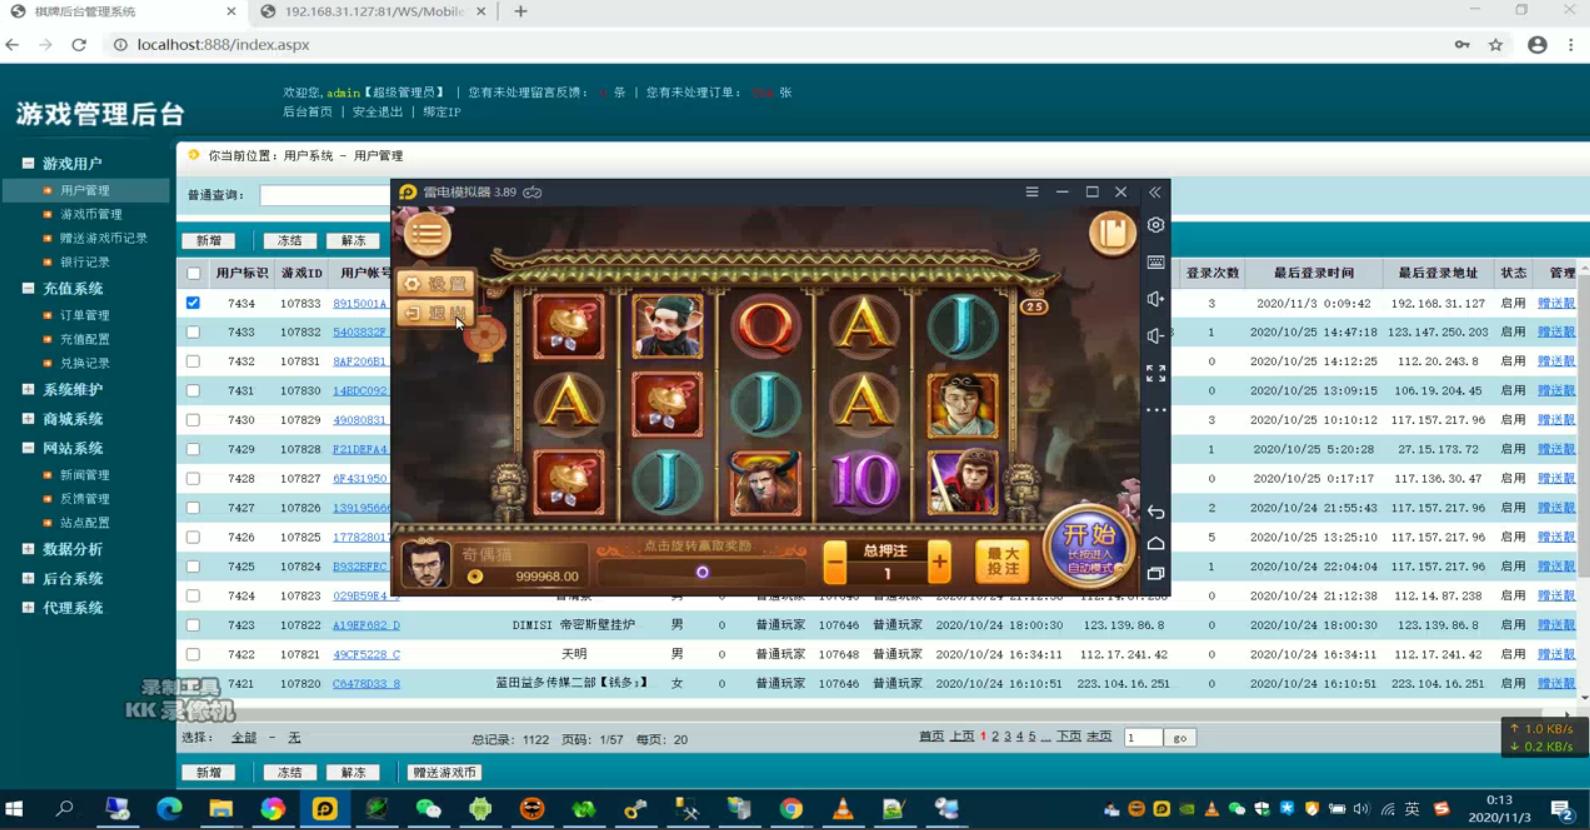 完美版创游万利蓝色UI聚宝盆新版棋牌组件+完整数据双端APP-第13张